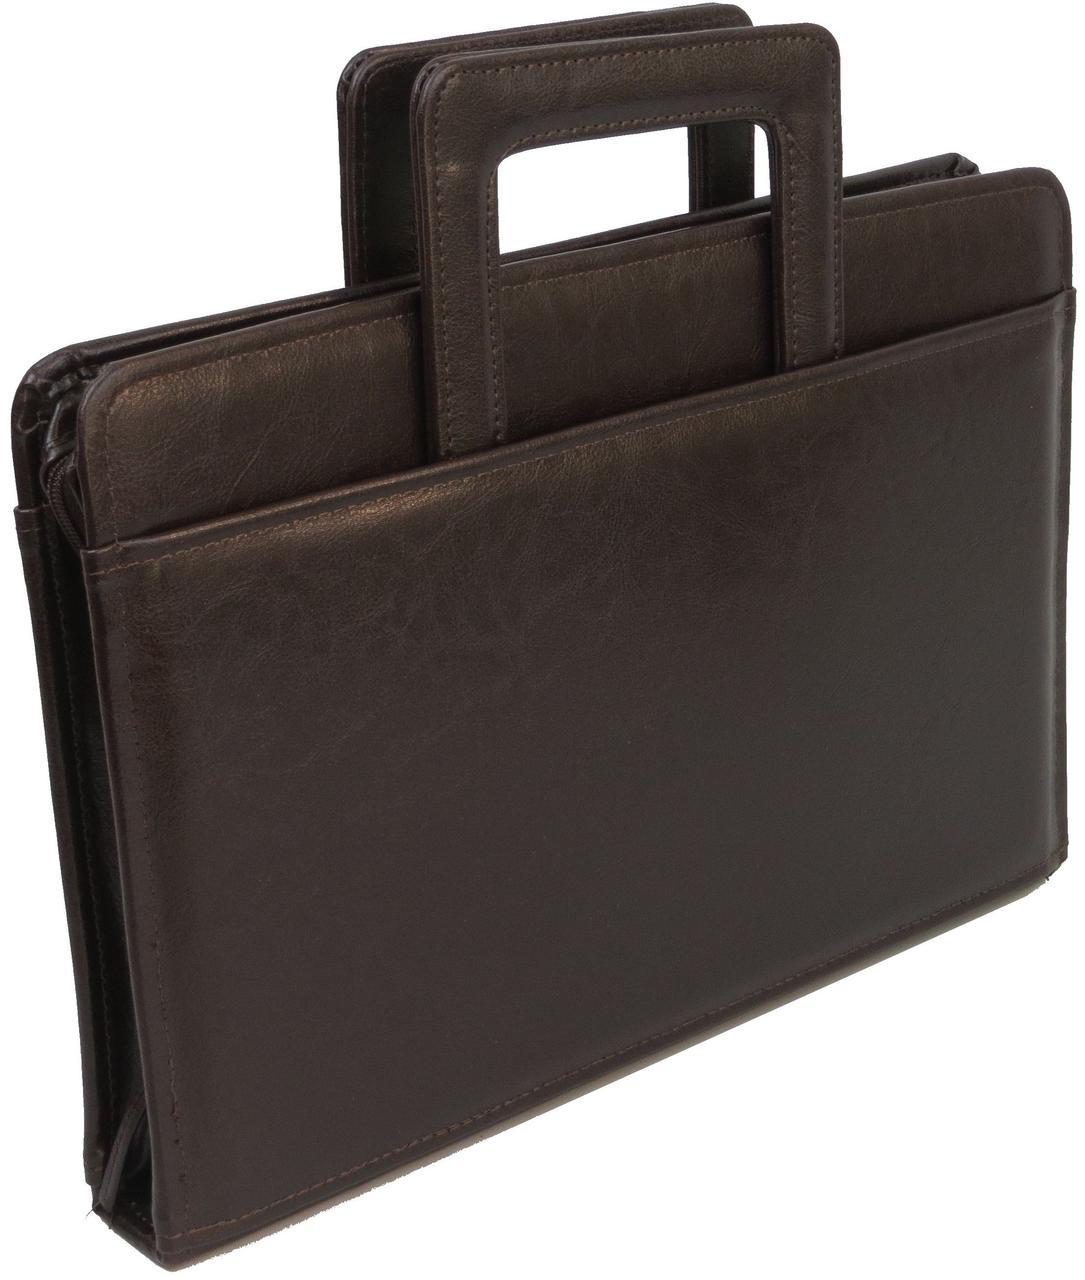 Деловая папка-портфель JPB, AK-13 коричневого цвета из эко кожи